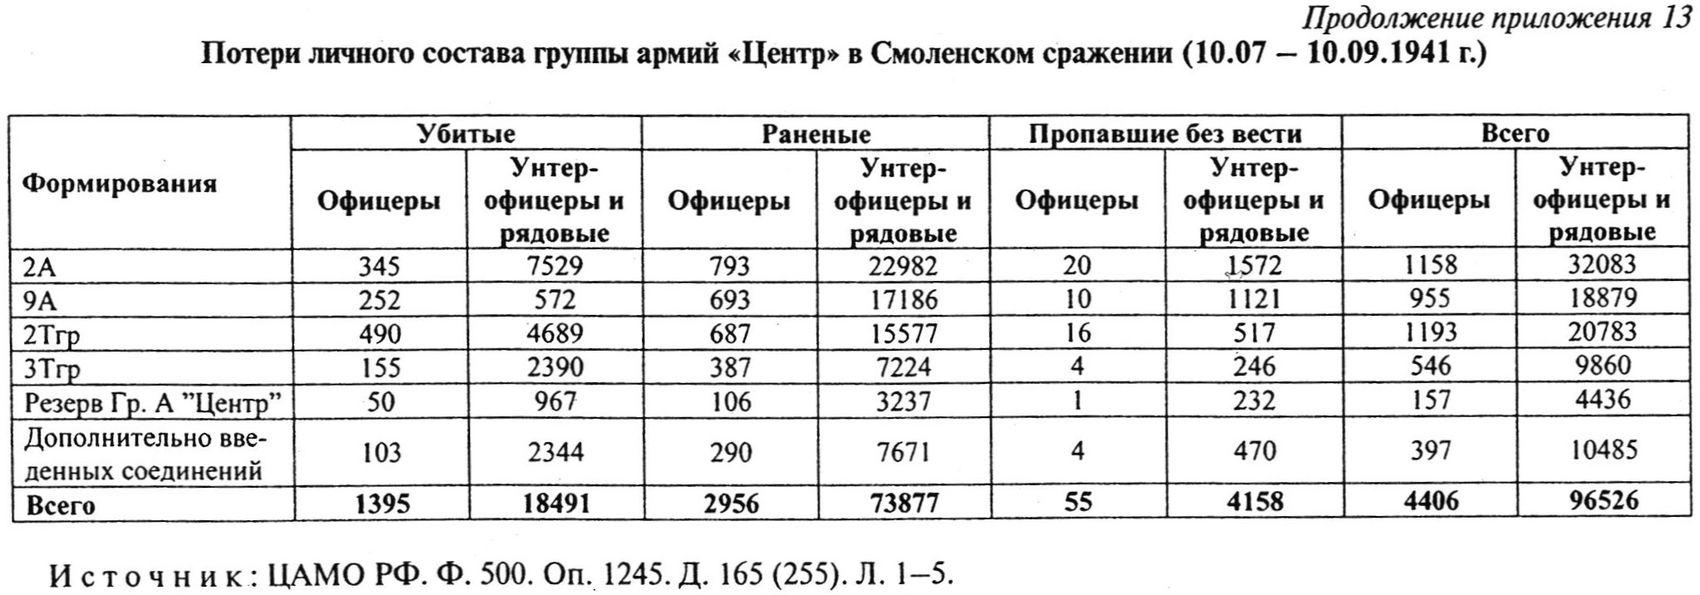 Smolensk_losses.jpg